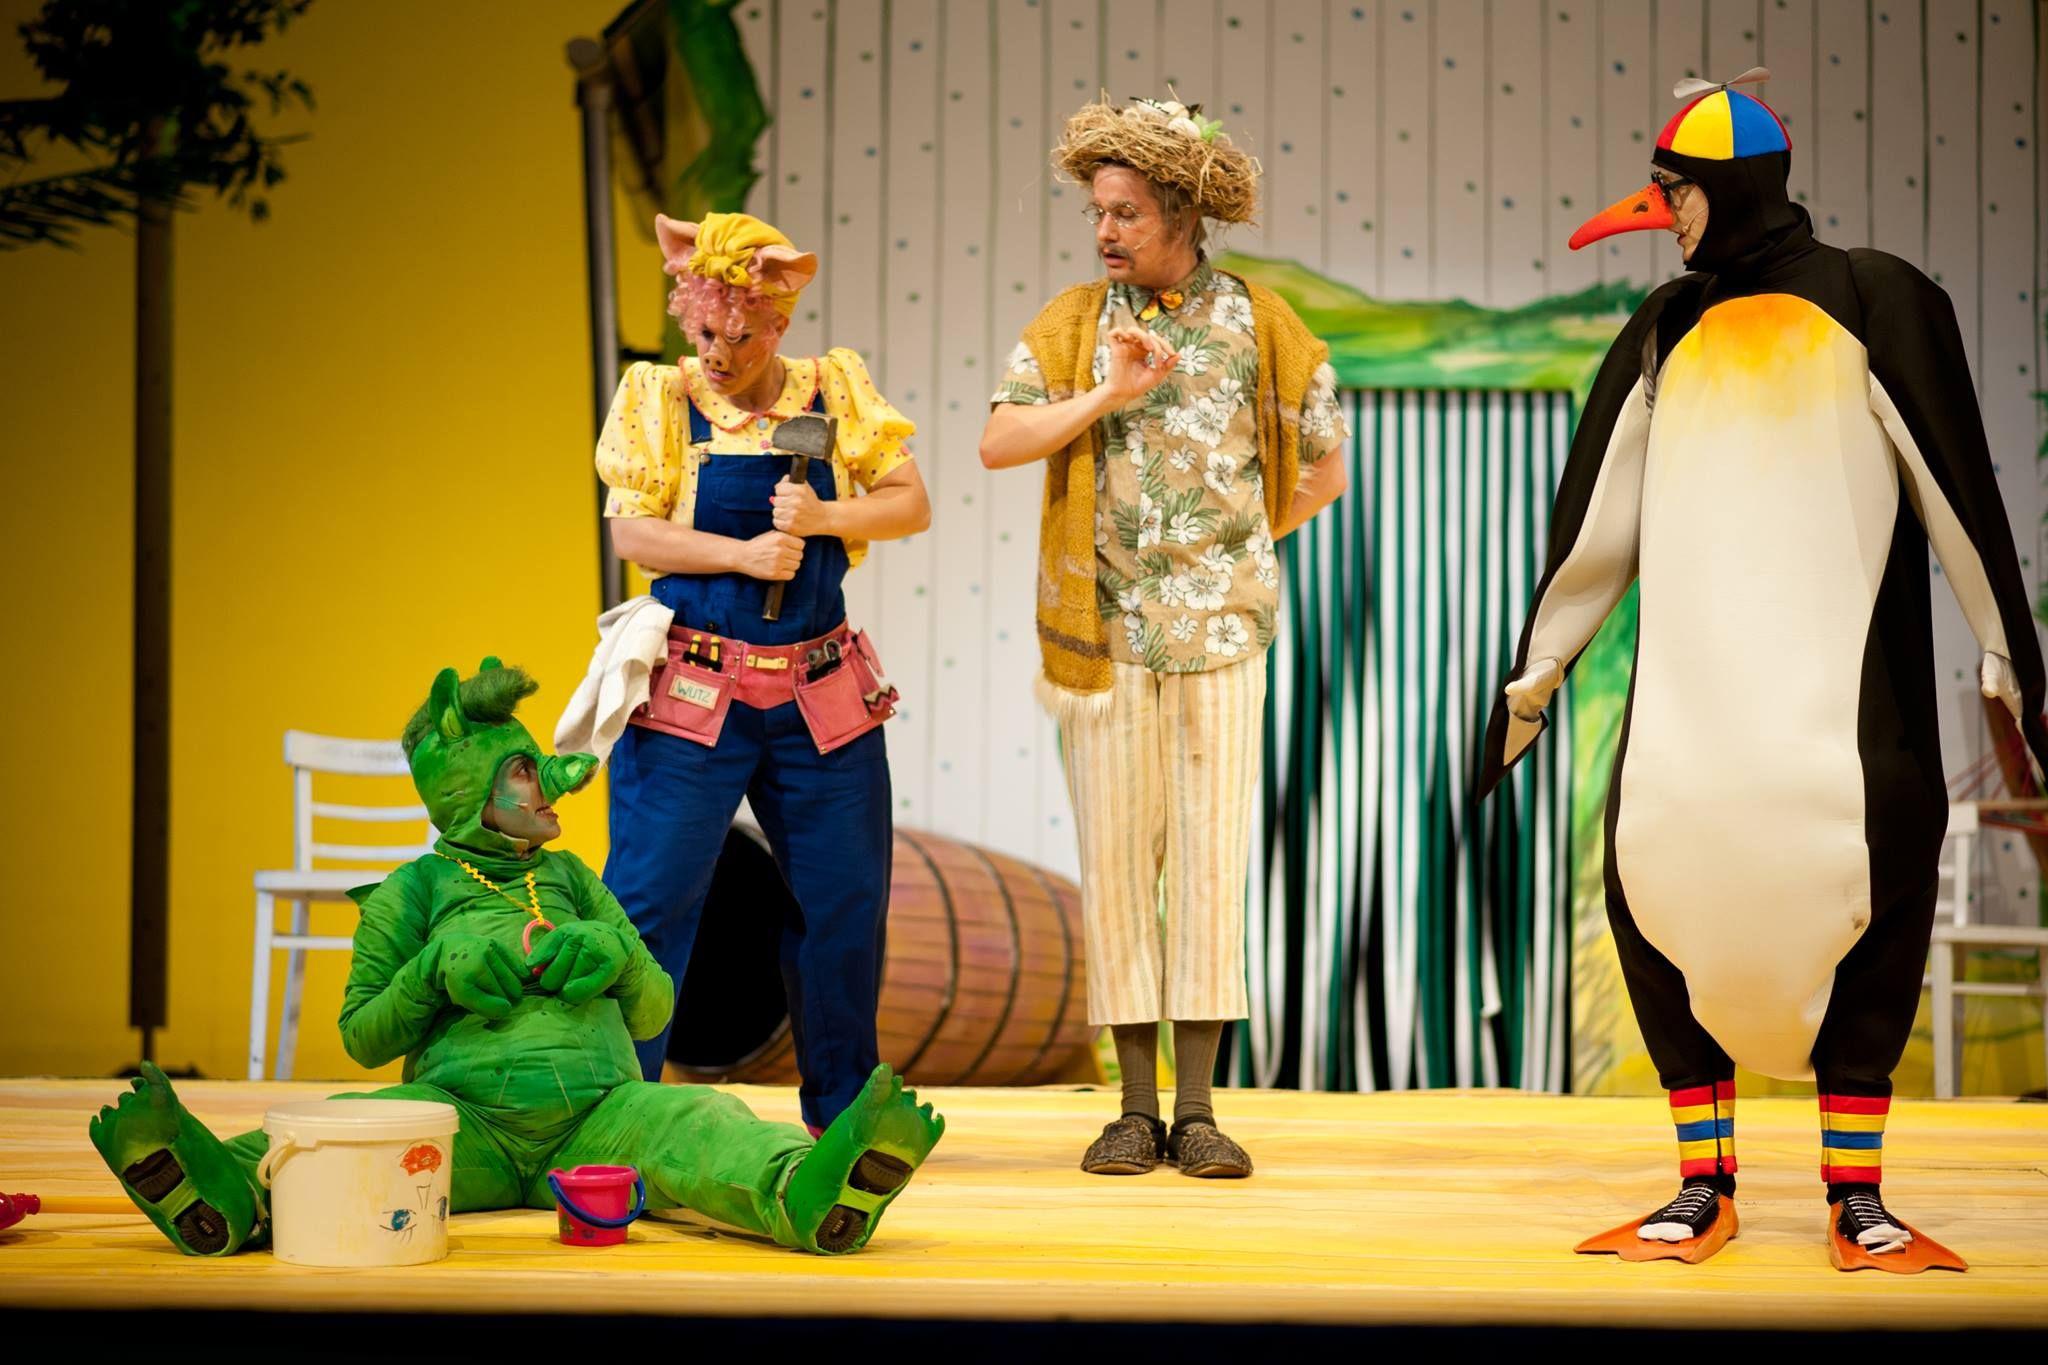 // Musical für kleine und große Kinder // Nach dem Kinderbuch von Max Kruse // Bühnenbearbeitung von Frank Pinkus // Musik von Ines Lange und Jan-Henning Preuße